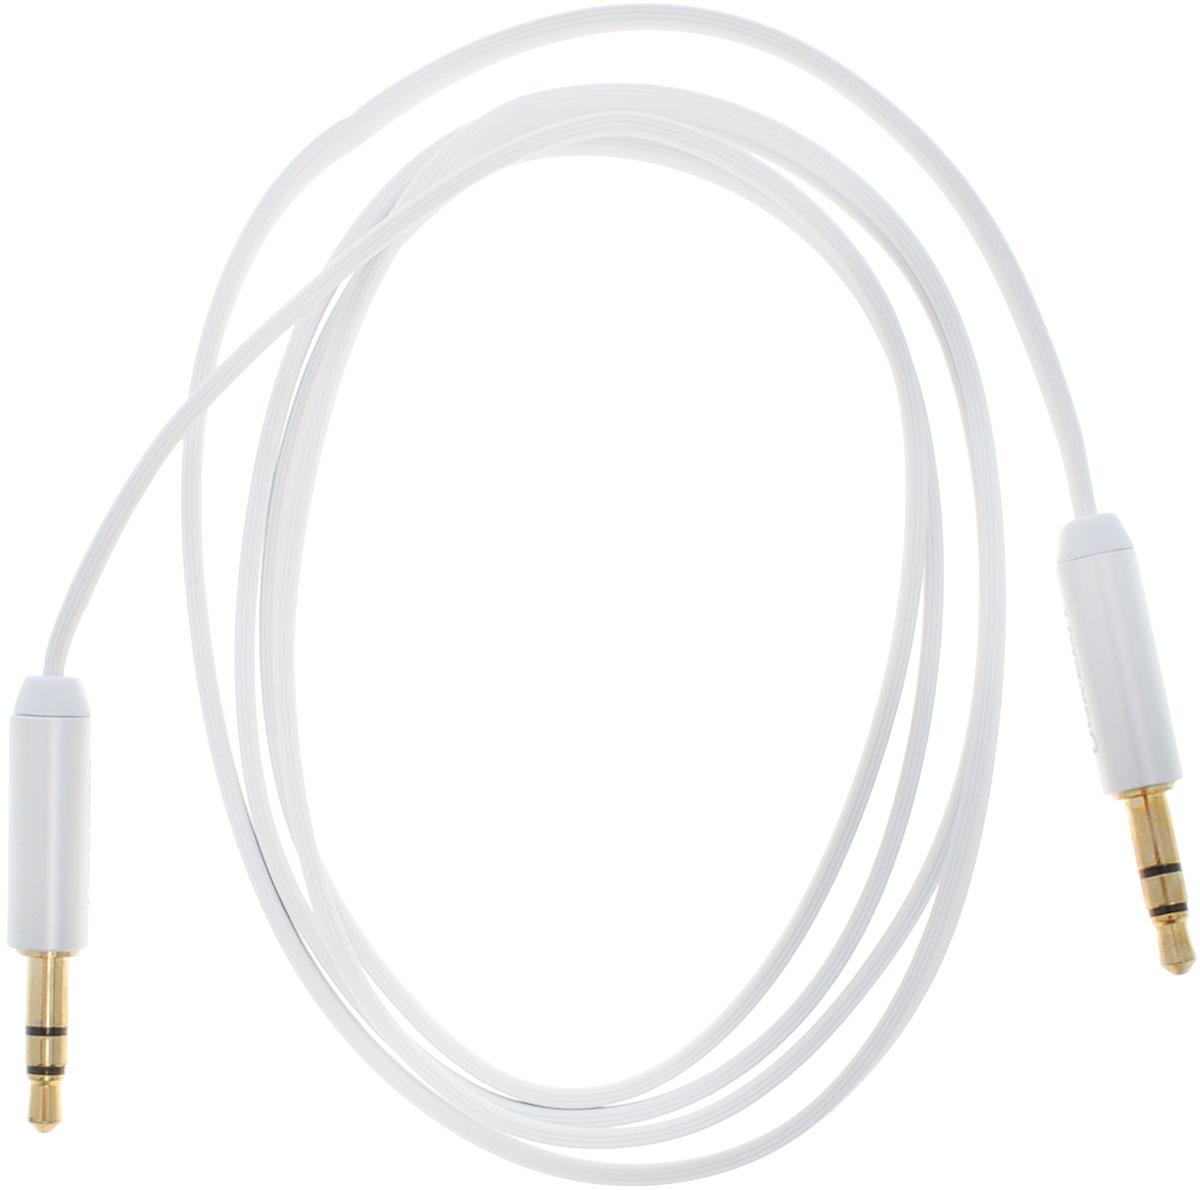 Ugreen UG-10763, White Silver кабель AUX 1 мUG-10763Кабель Ugreen UG-10763 может быть использован для подключения, например, гарнитуры с MP3-плеером, компьютера, DVD, TV, радио, CD плеер в которых есть данный аудиоразъем. Главное отличие этого аудио кабеля - мягкая оболочка и стильные металлические соединители. Прекрасное качество исполнения и экранирование позволит избежать влияния помех при передаче сигнала. Толщина кабеля: 1,5 х 3,5 мм Тип оболочки: ПВХ